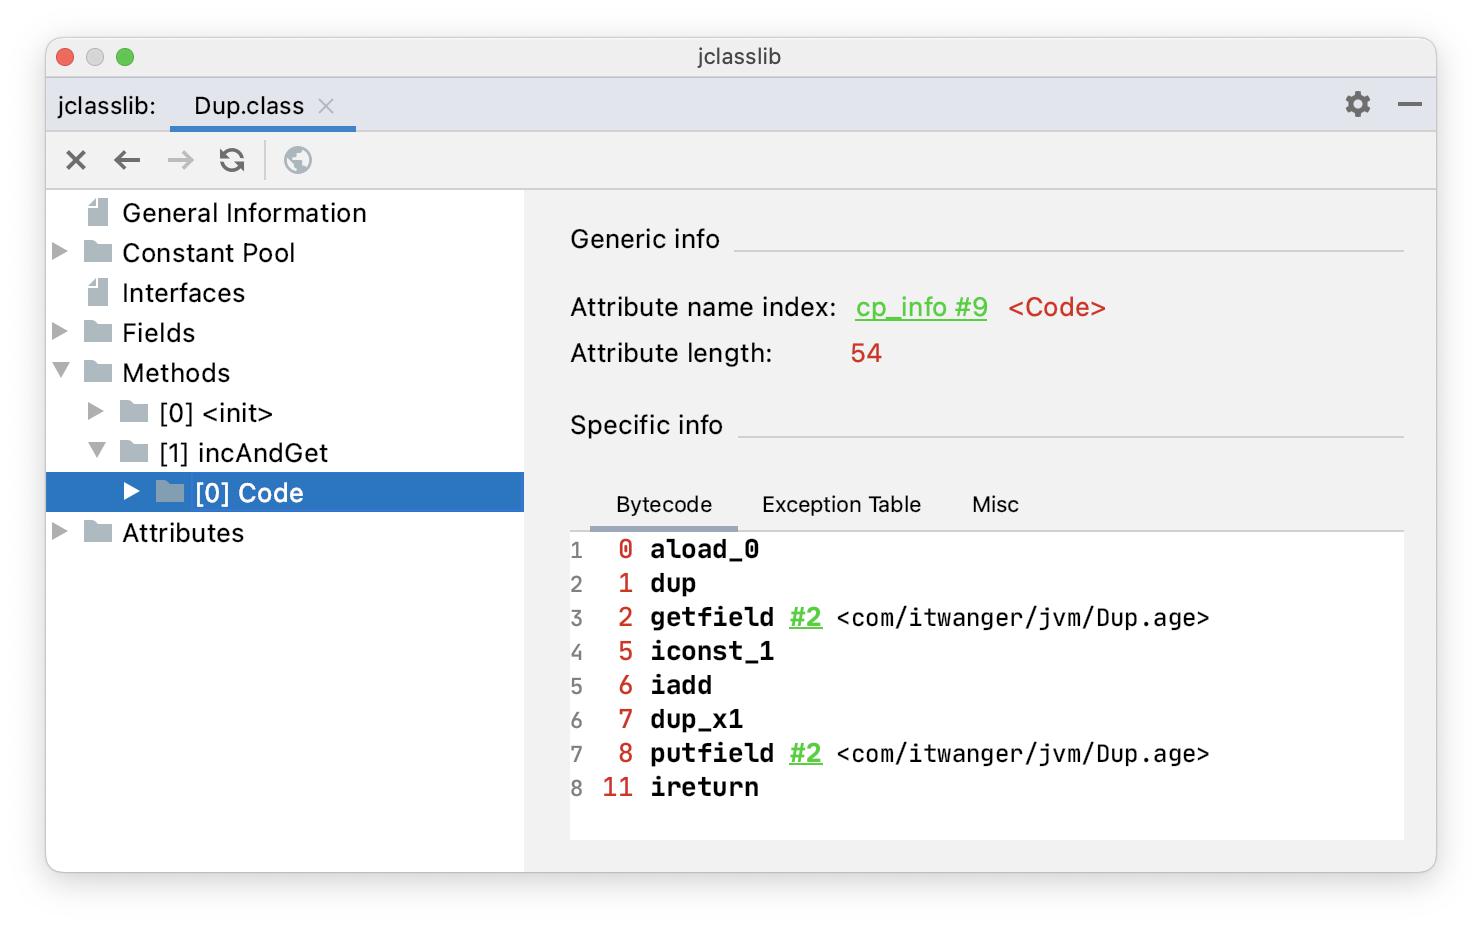 我要悄悄学习 Java 字节码指令,在成为技术大佬的路上一去不复返插图(13)